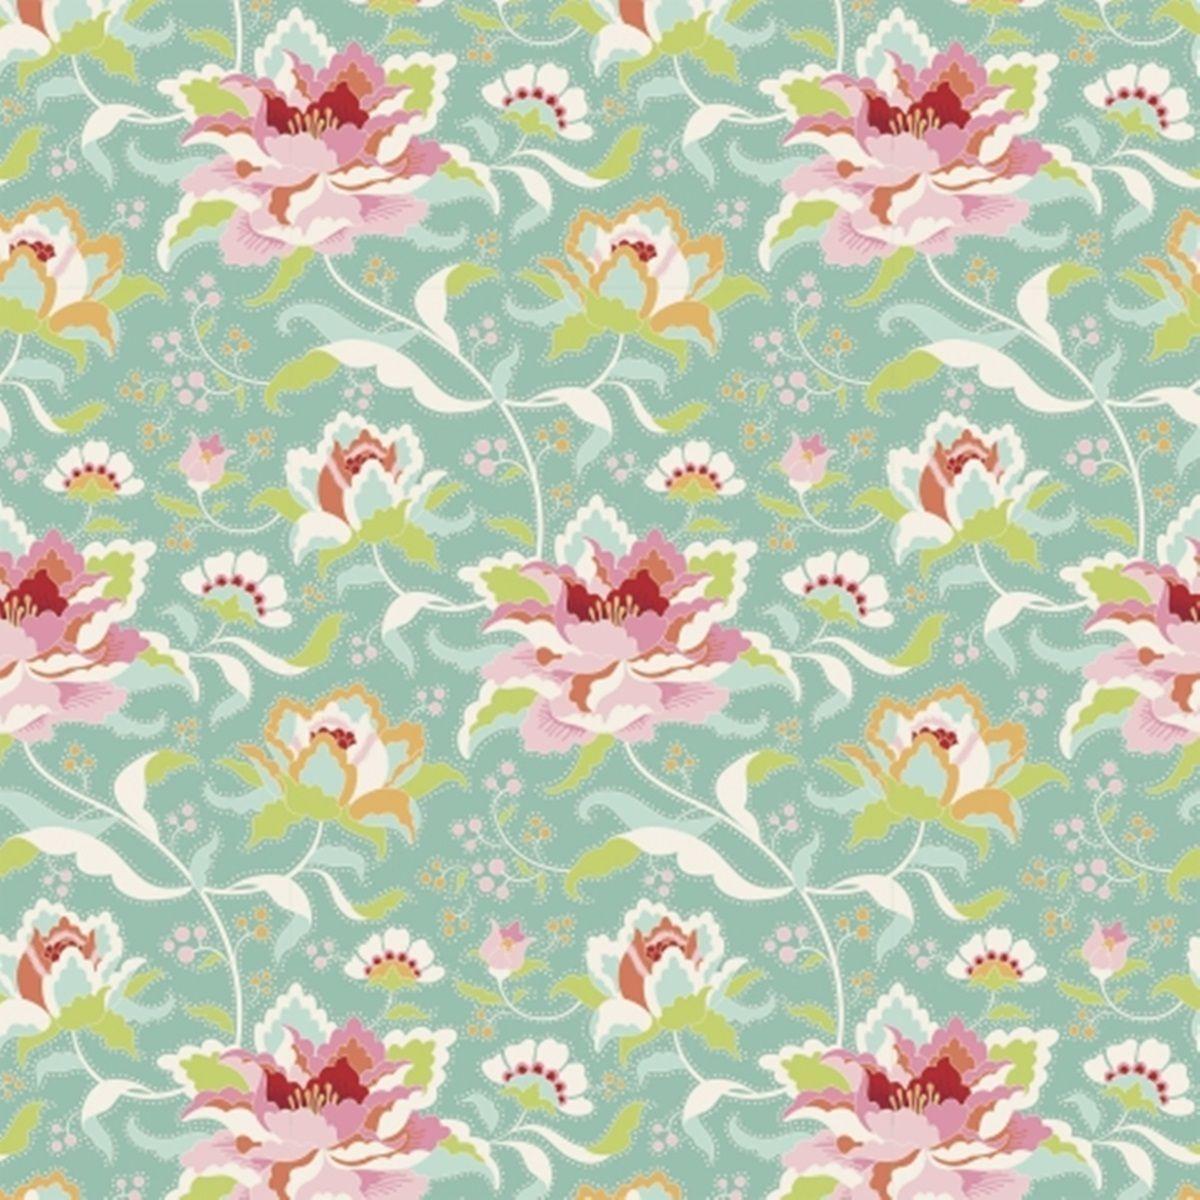 Ткань Tilda  Circus rose , в отрезе, 1 м х 110 см. 211481327 - Подарочная упаковка